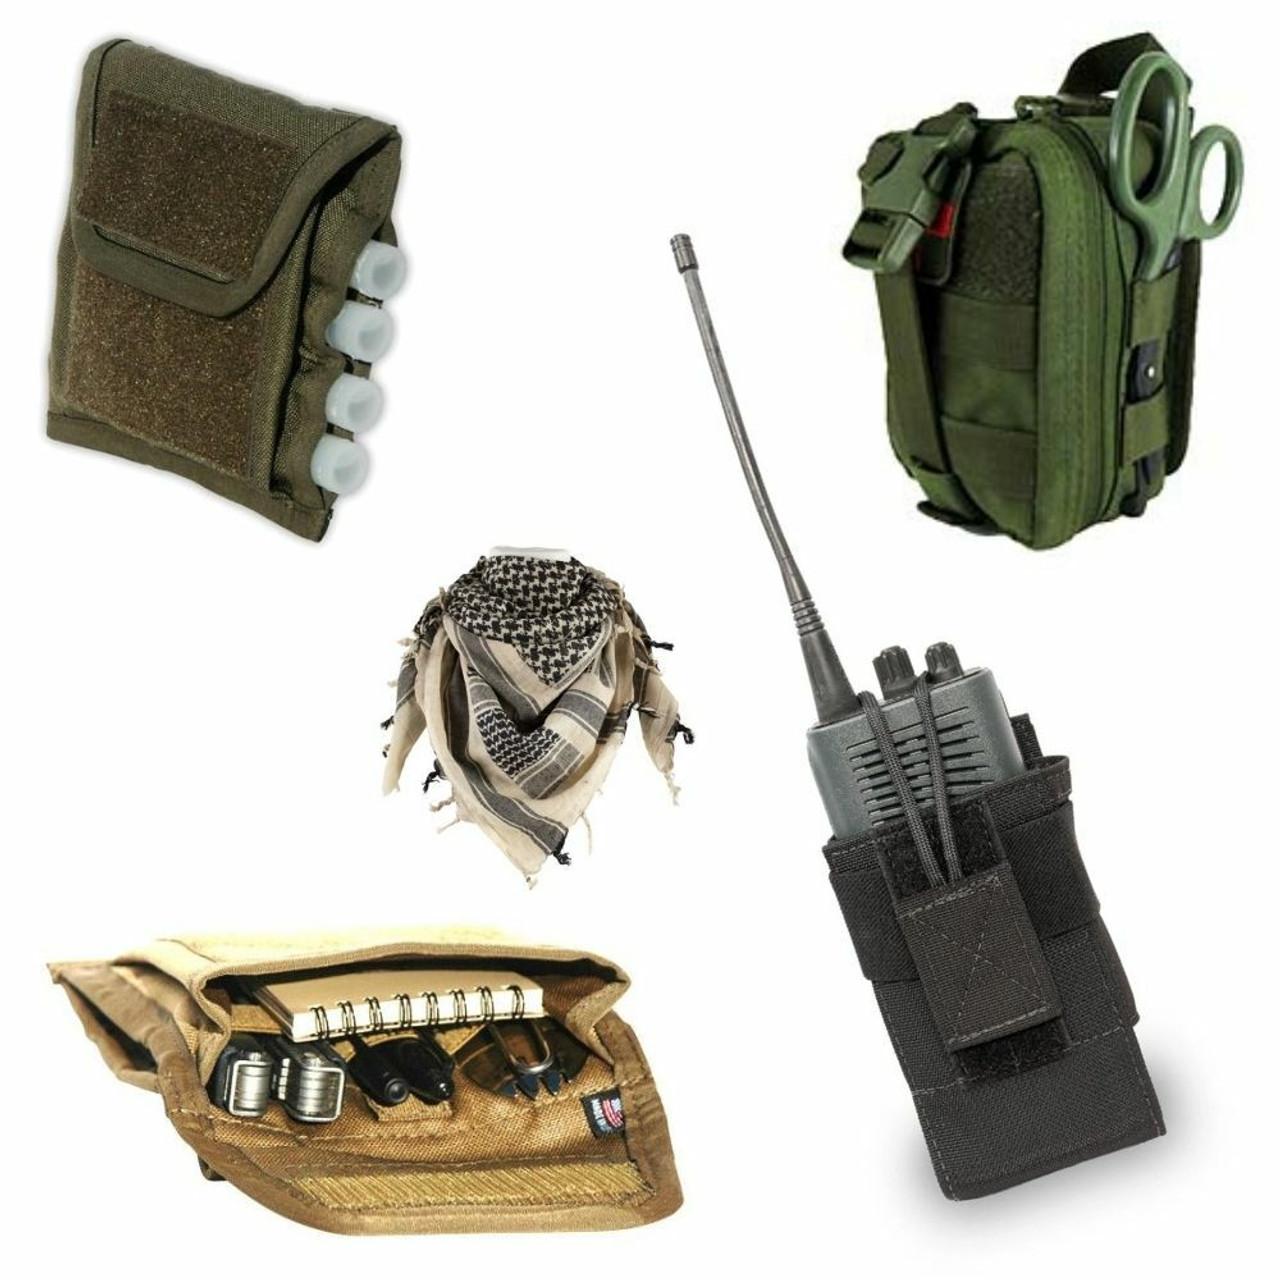 Airsoft Gear Essentials